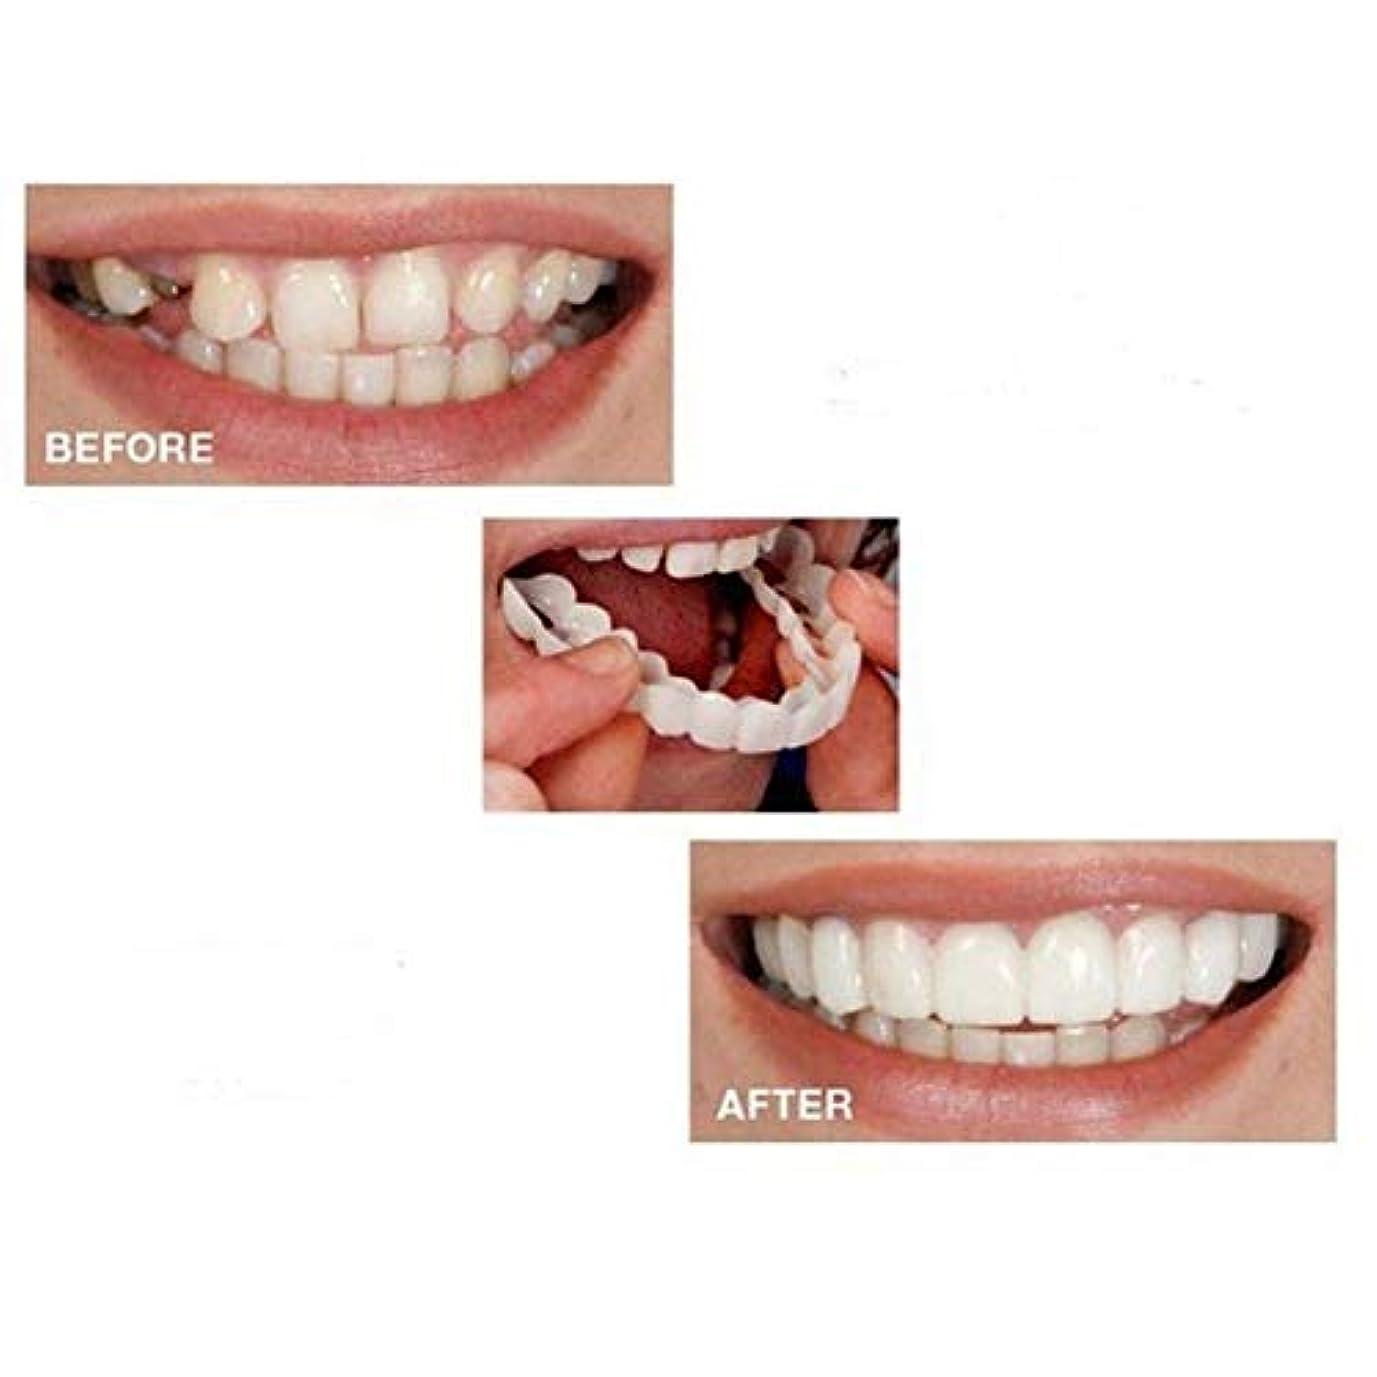 等価スプリット闘争歯のベニアの6ペアは即座パーフェクトサスペンダー美白カバリング不規則な、ステンドグラス、行方不明ひび割れた歯にクリップされたスマイル